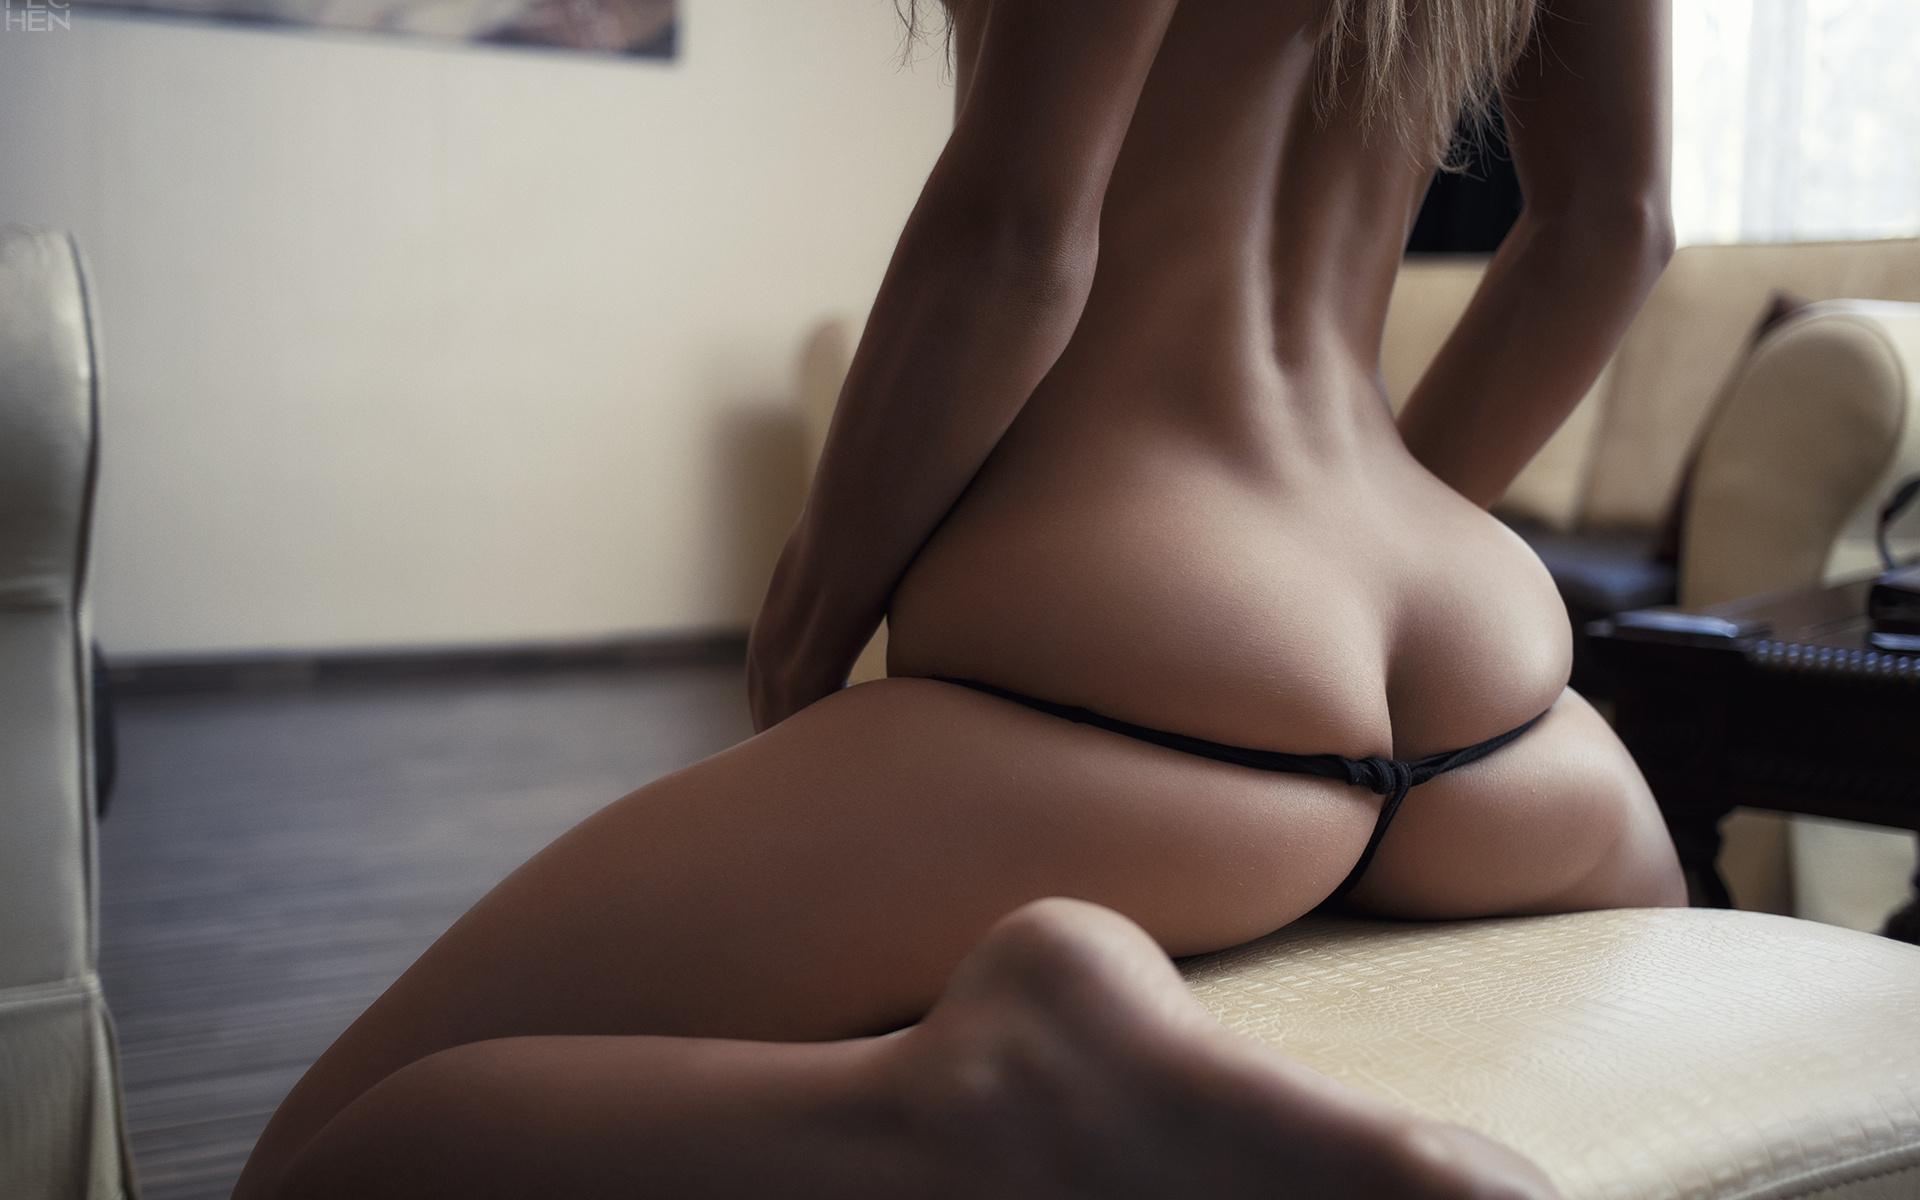 девушки полу оголенные чтобы поржать - 4